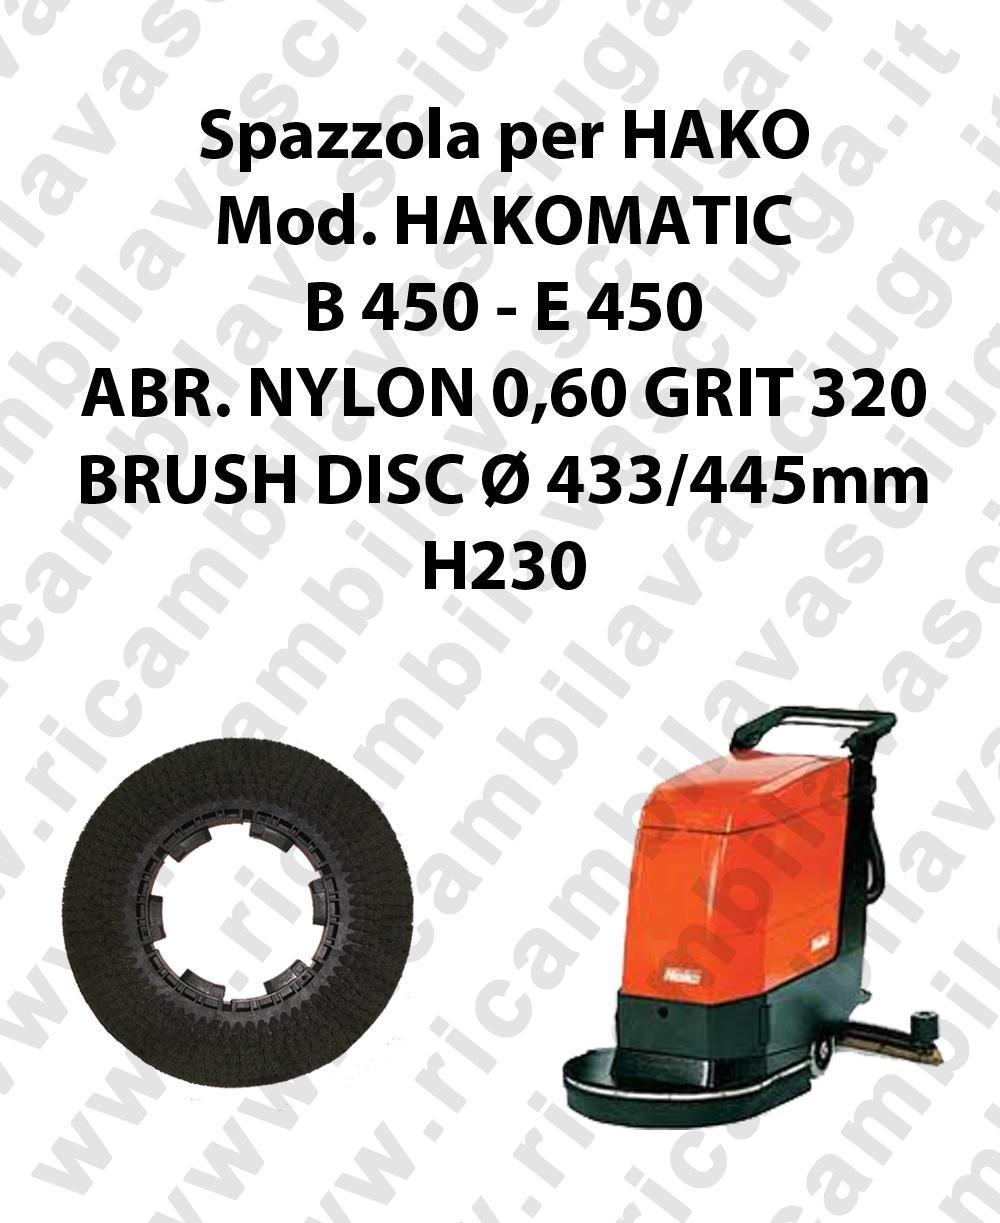 HAKOMATIC B 450 - ünd 450 Bürsten für scheuersaugmaschinen HAKO